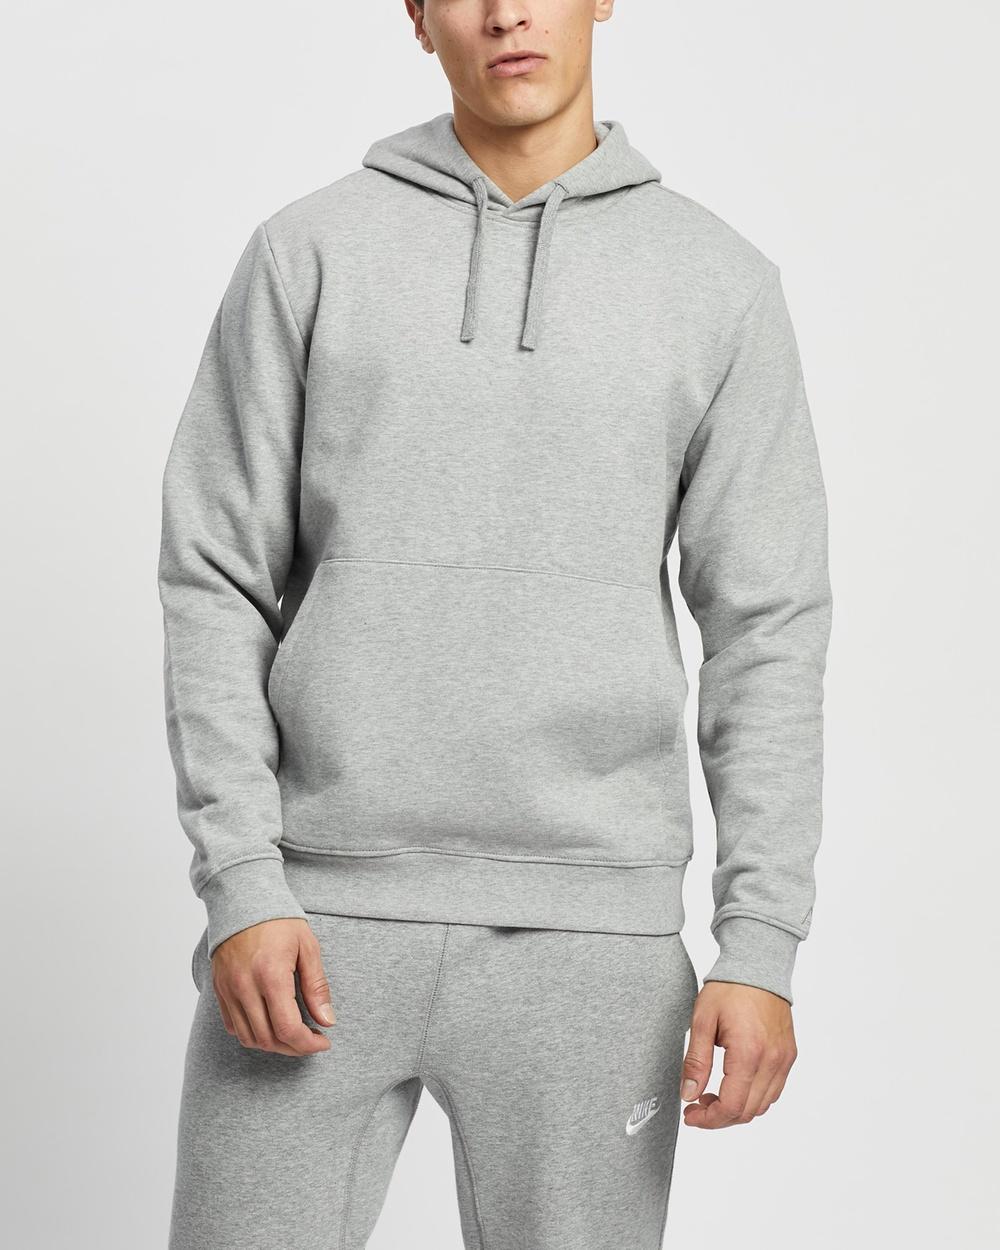 AERE Organic Cotton Hoodie Hoodies Grey Marle